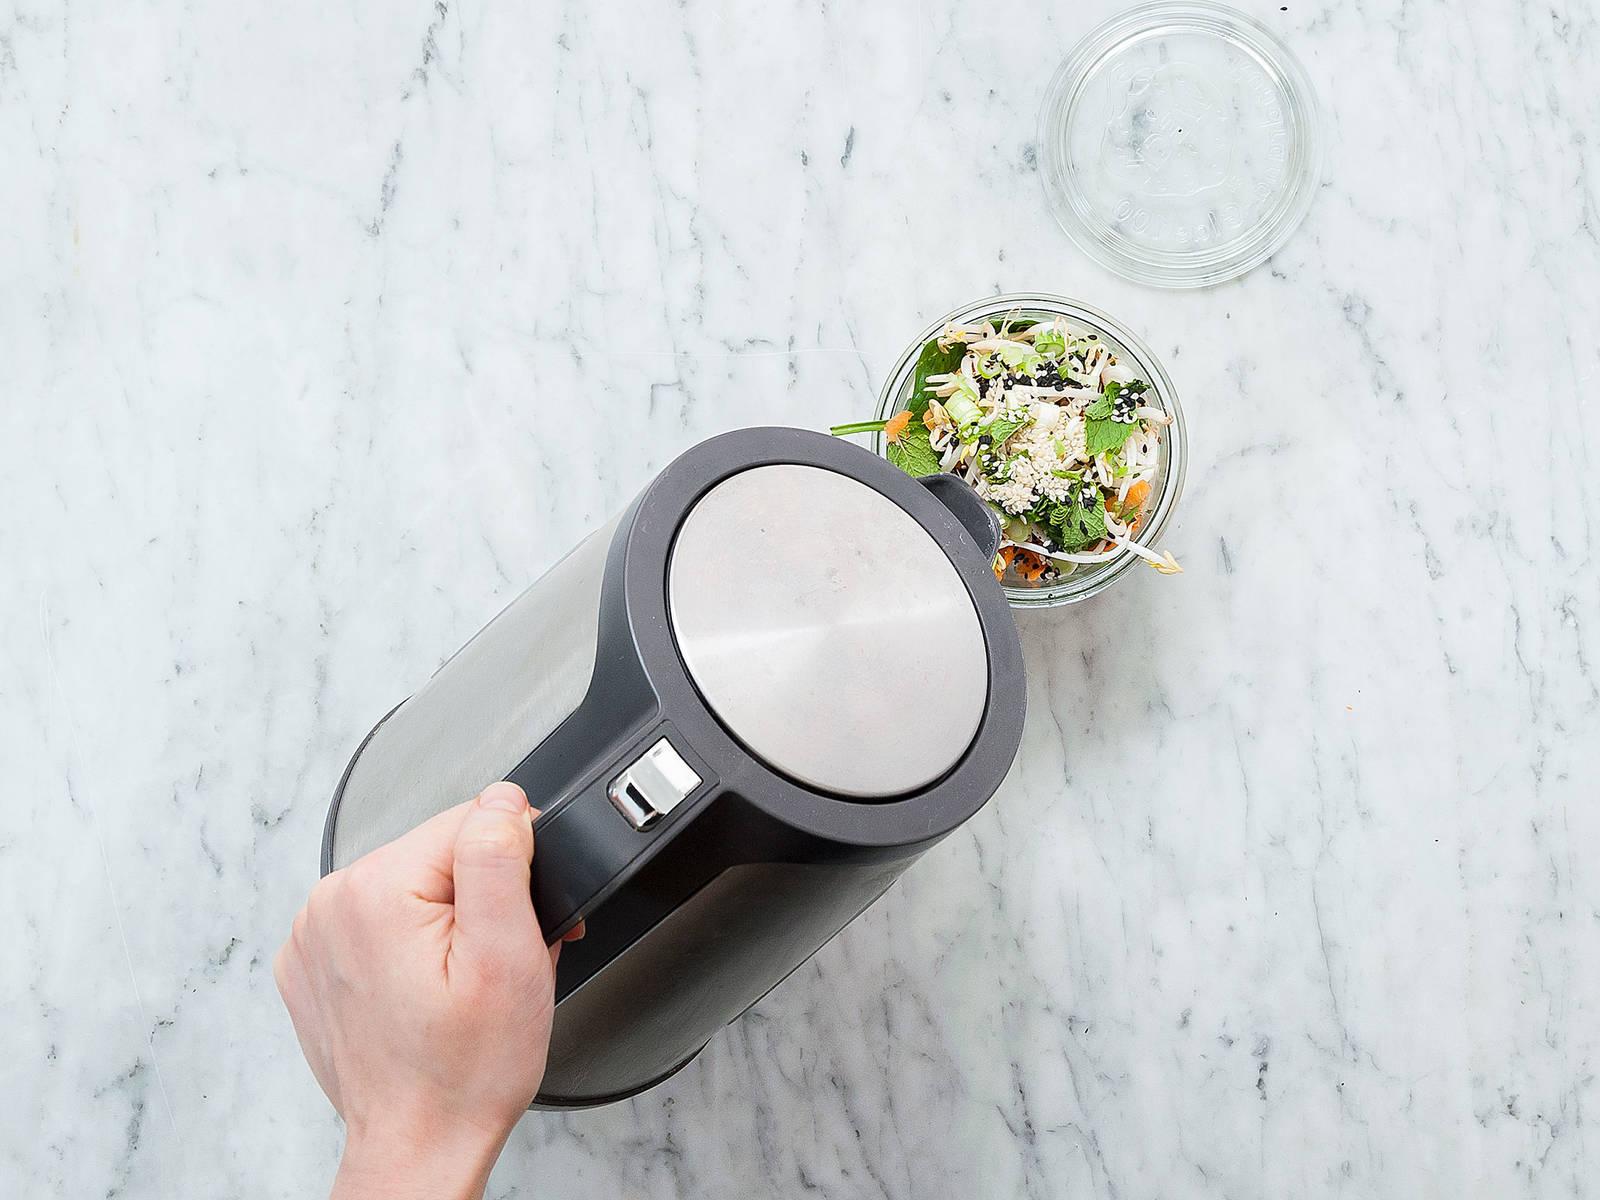 Kurz vor dem Servieren das Glas mit heißem Wasser auffüllen bis alle Zutaten bedeckt sind. Ca. 5 Min. ziehen lassen und anschließend vorsichtig umrühren um Soße, Reisnudeln und Gemüse zu vermengen. Guten Appetit!